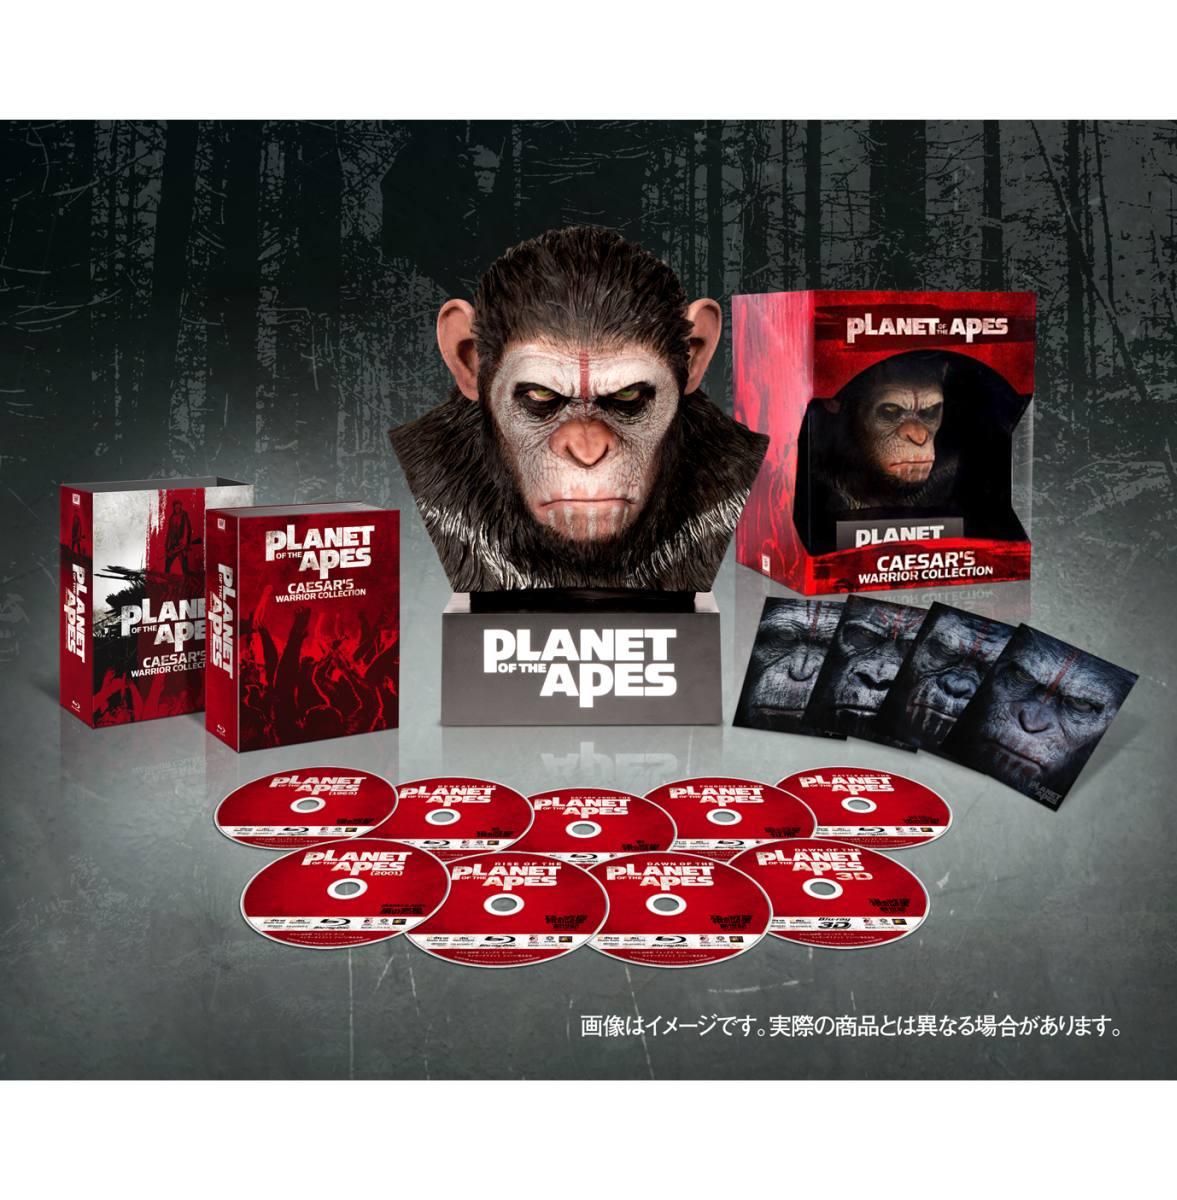 猿の惑星 ブルーレイ・コレクション〈ウォーリアー・シーザー・ヘッド付〉〔700セット数量限定生産〕[FXXA-62965][Blu-ray/ブルーレイ] 製品画像